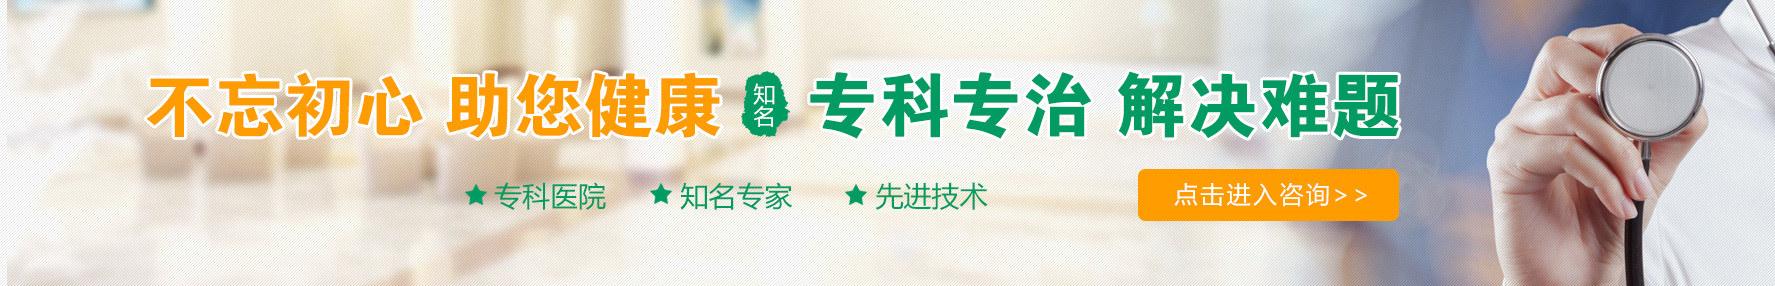 杭州美容医院